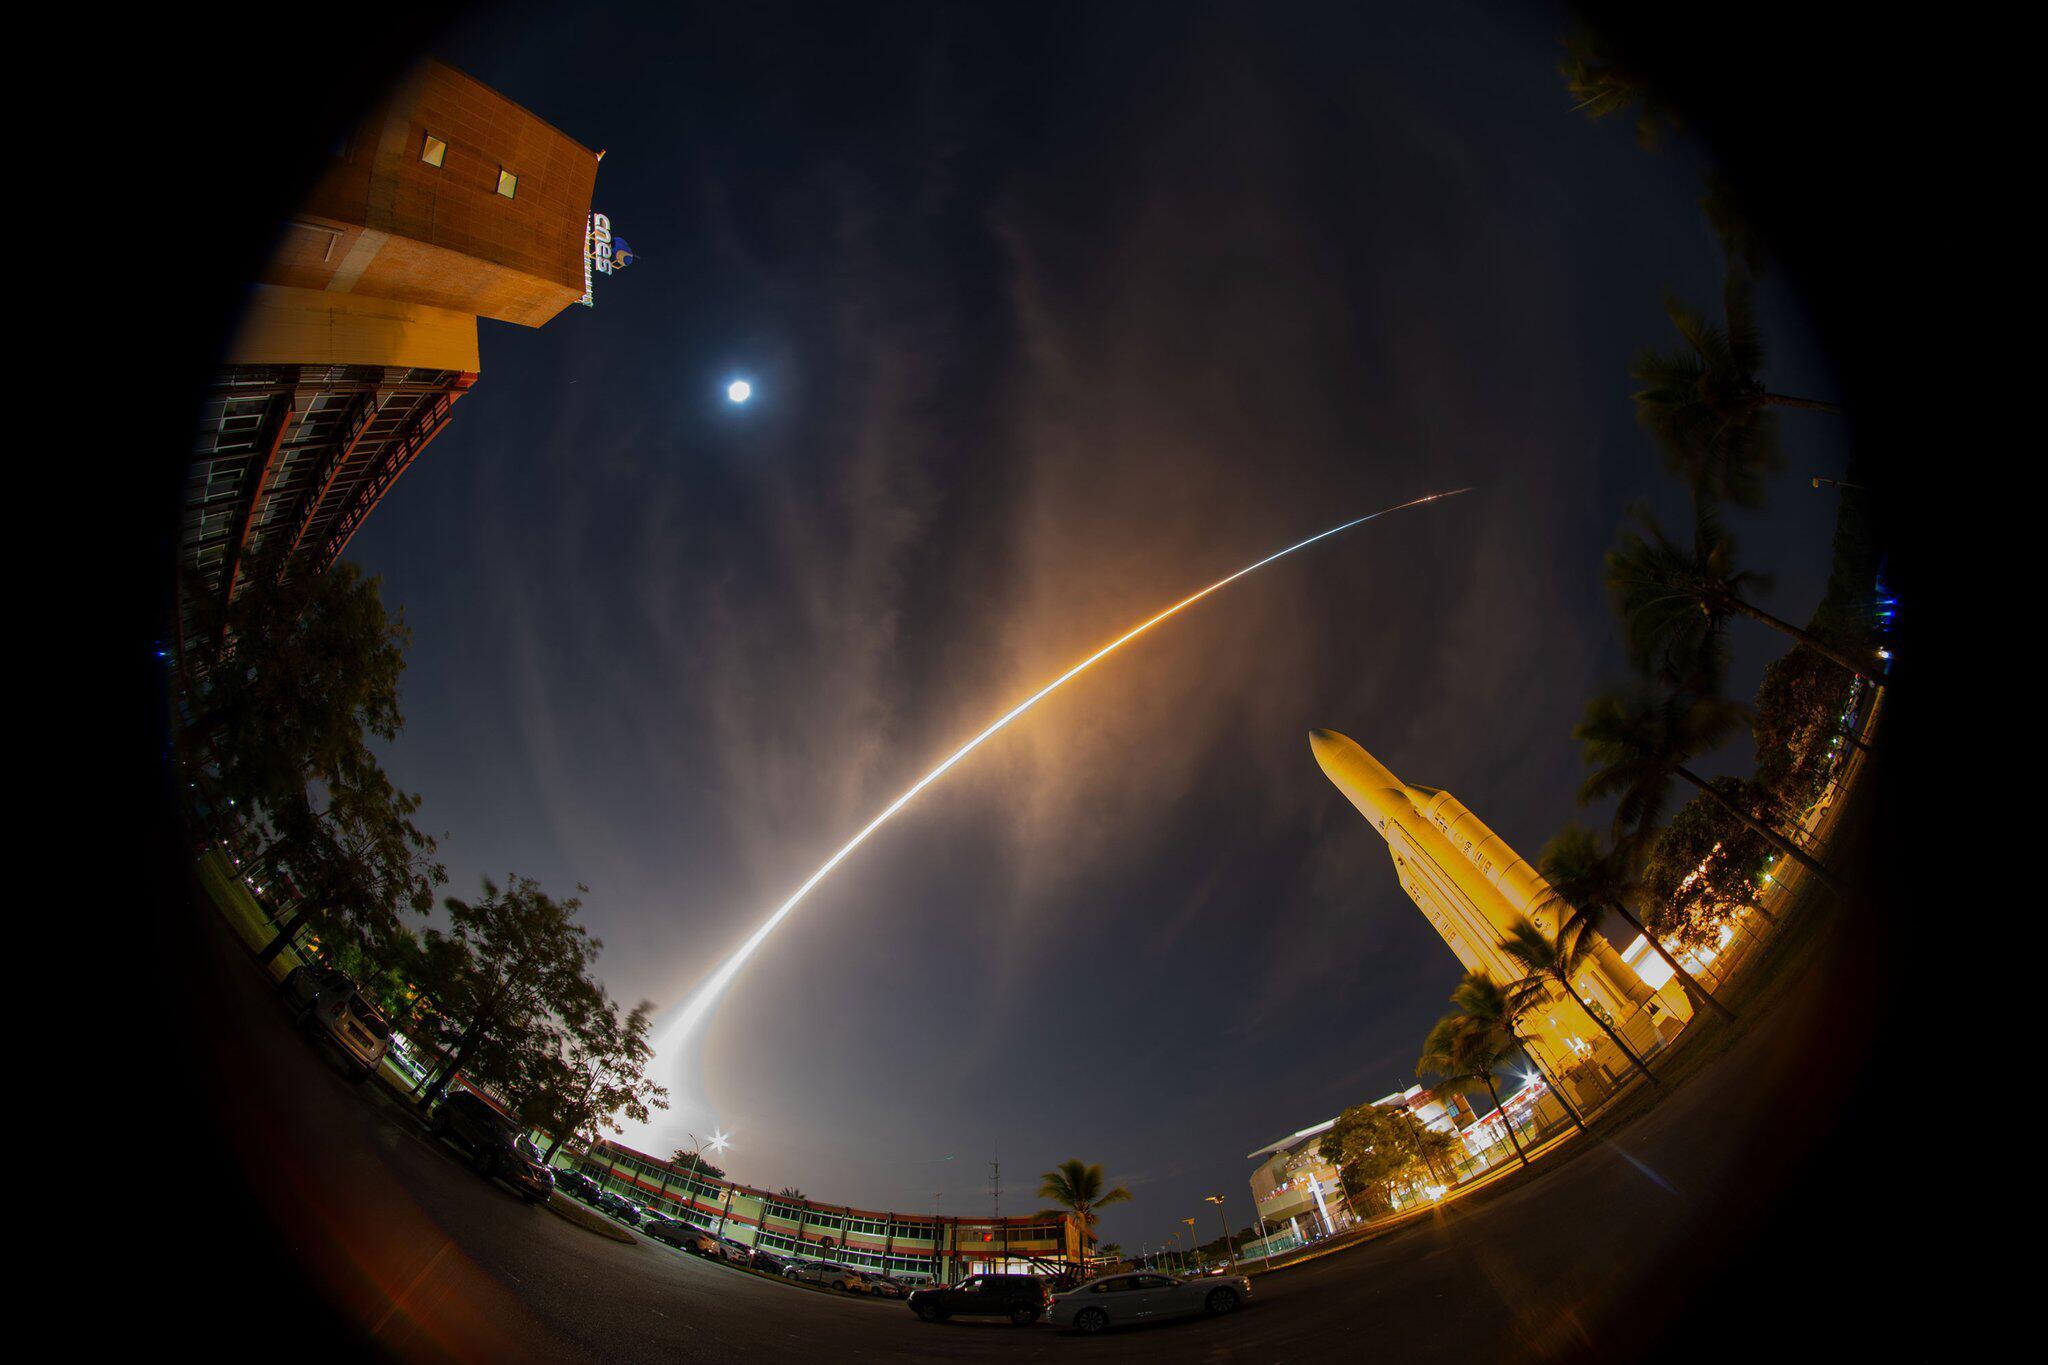 Bild zu Start Ariane 5 mit Weltraumsonde BepiColombo